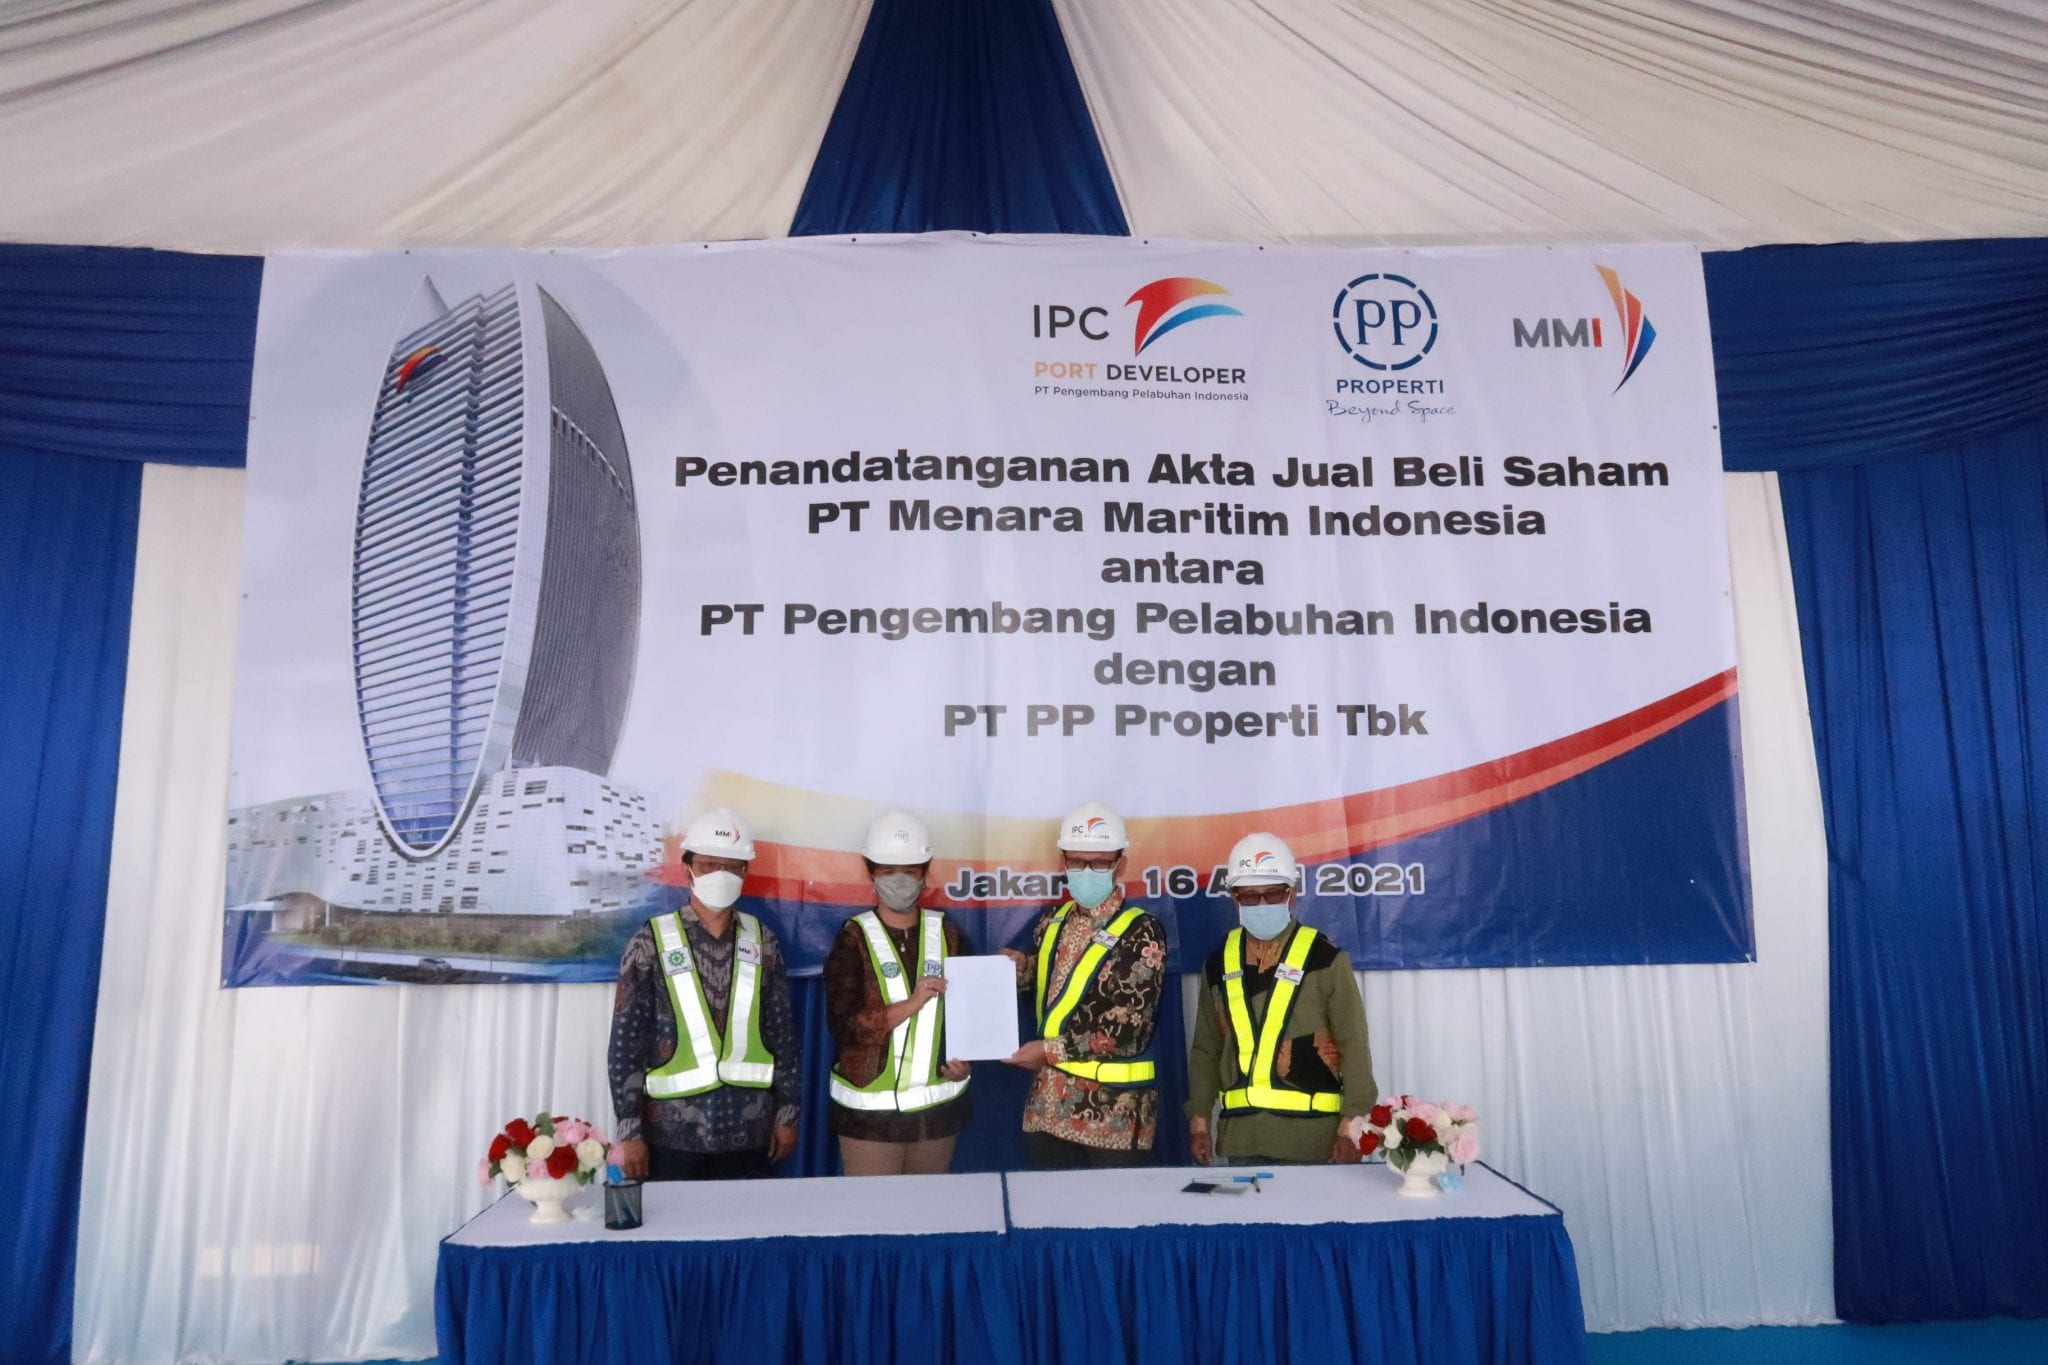 Penandatanganan Akta Jual Beli Saham PT PP Properti Tbk. di PT Menara Maritim Indonesia